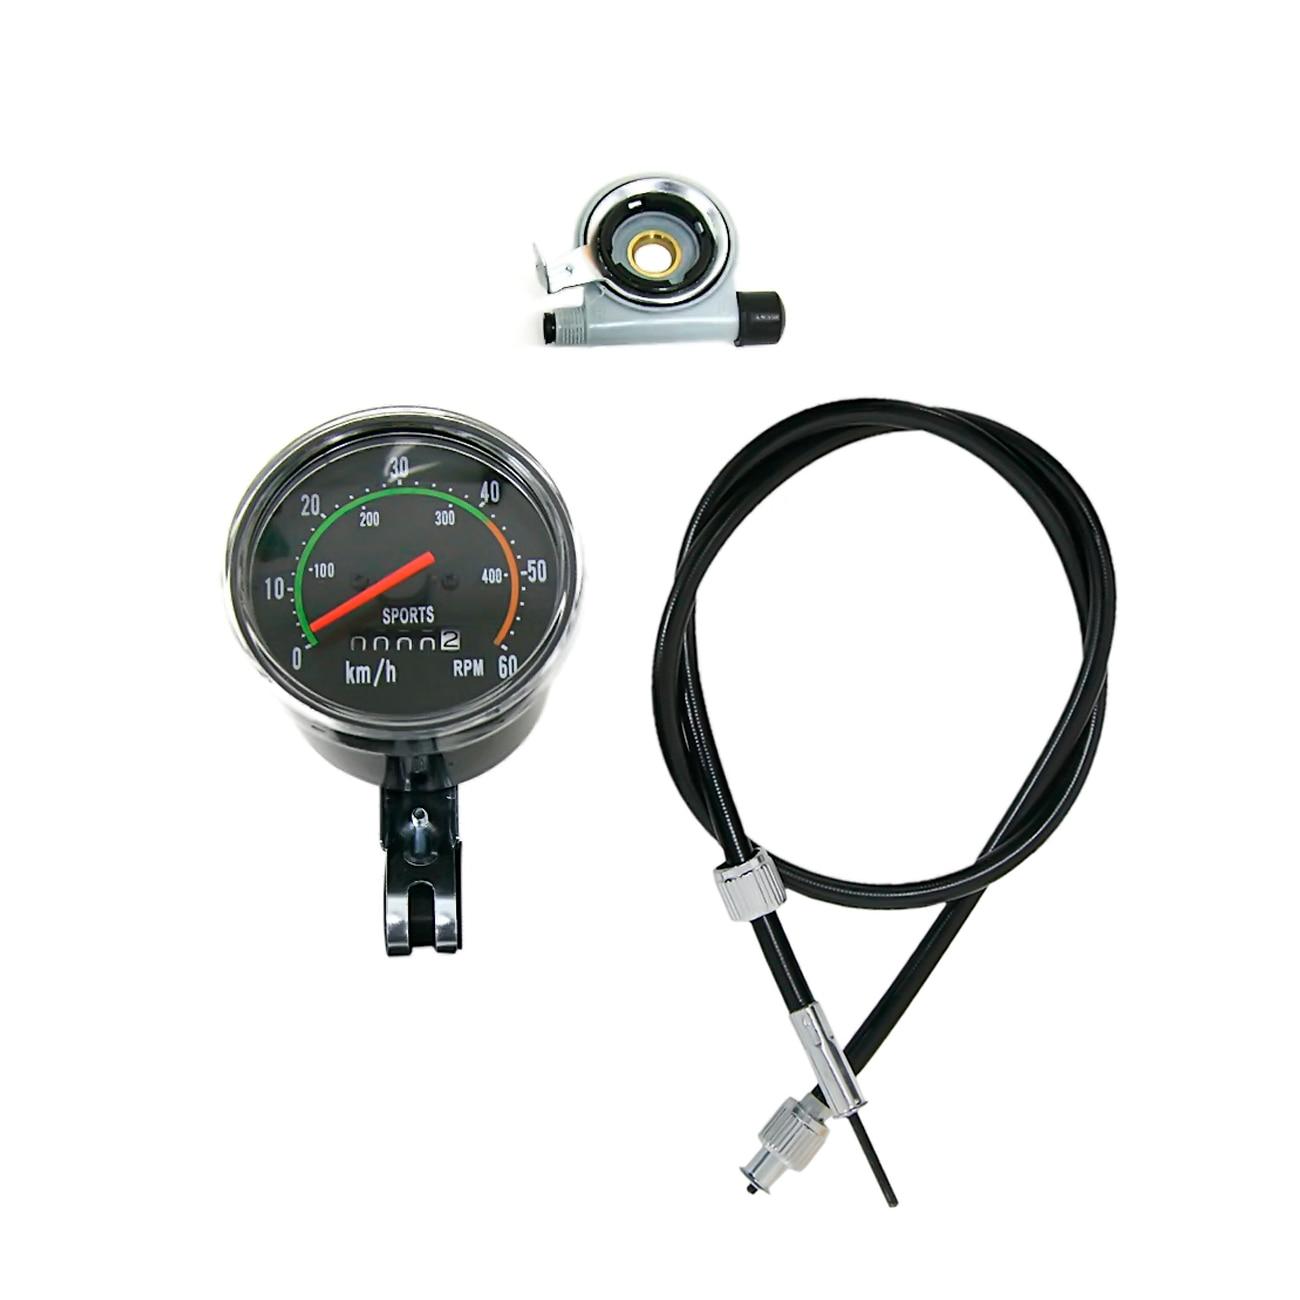 جهاز عداد السرعة وعداد المسافات ث/تركيب محرك دراجة بمحرك 80cc